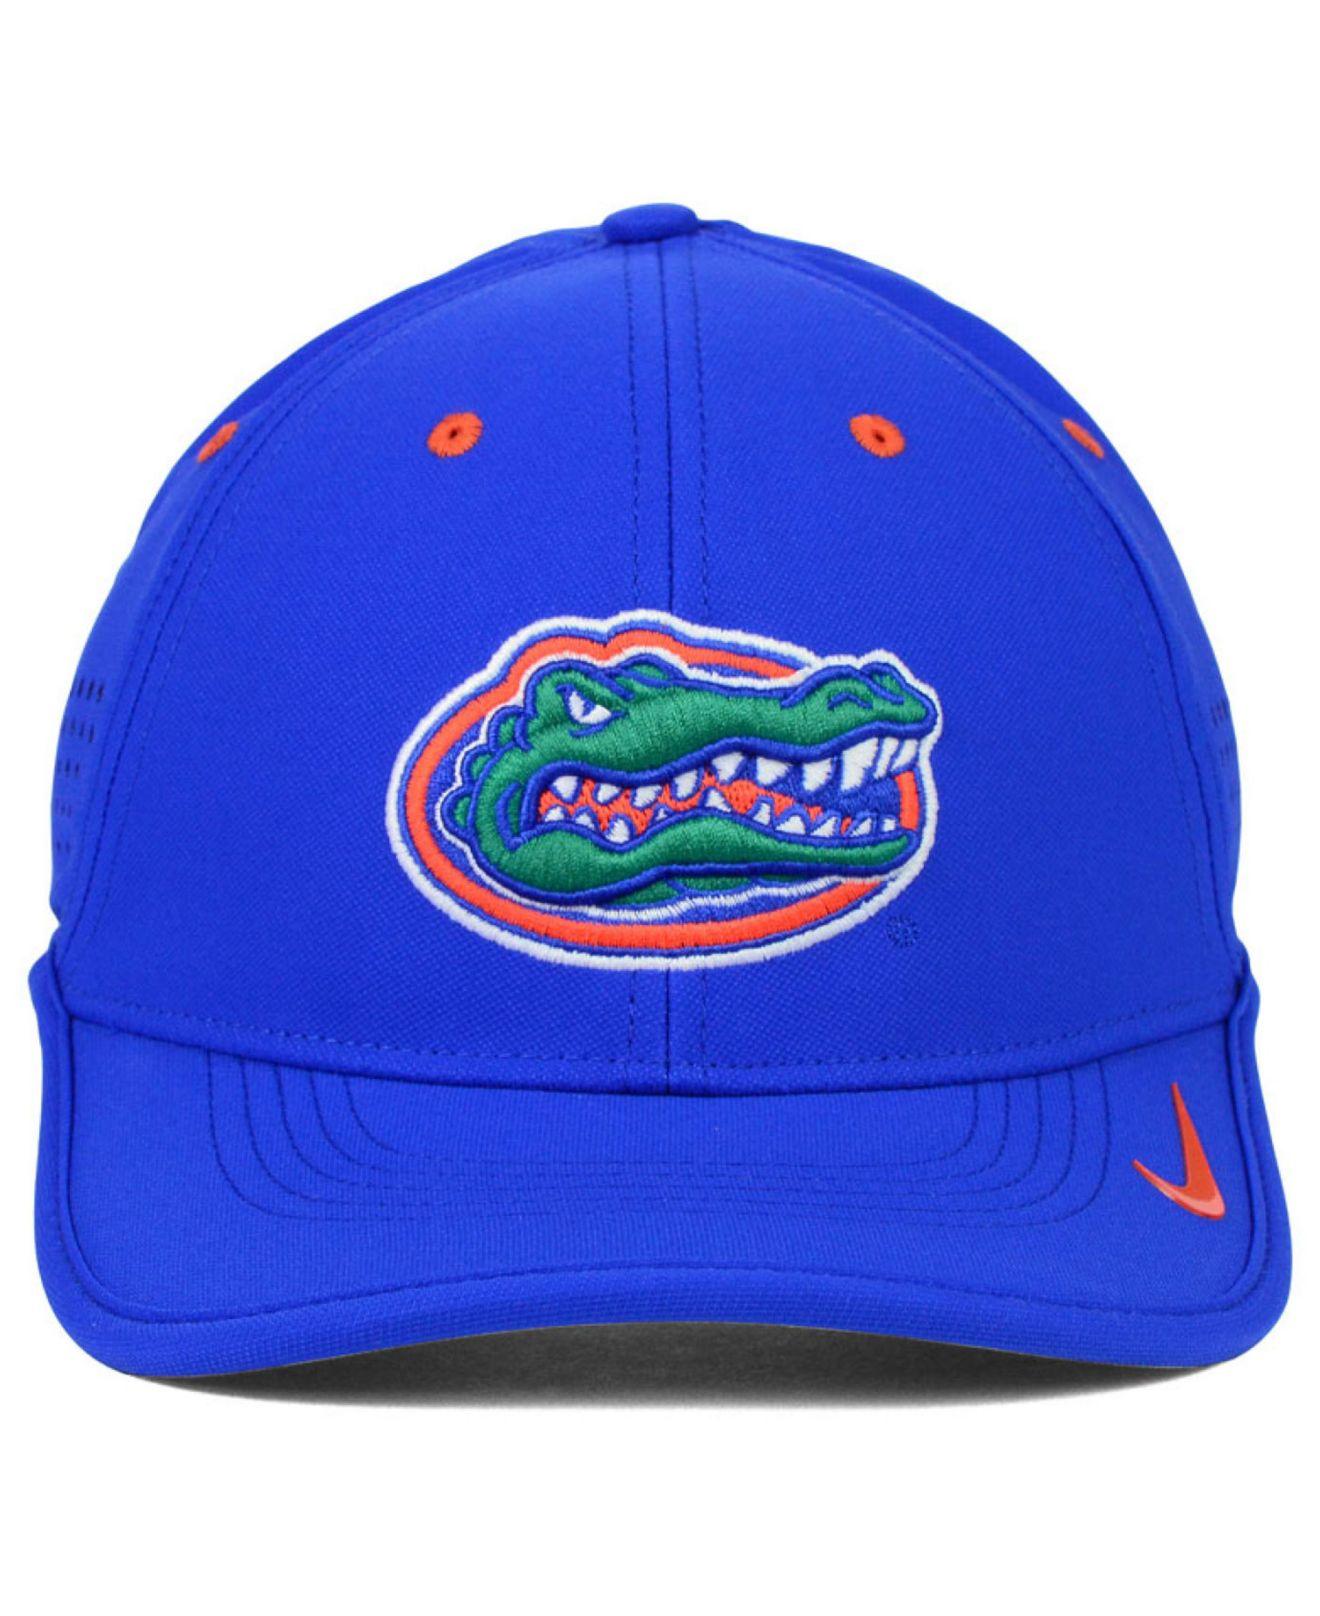 644e0d21cfd ... inexpensive lyst nike florida gators dri fit coaches cap in blue for men  f749a 17089